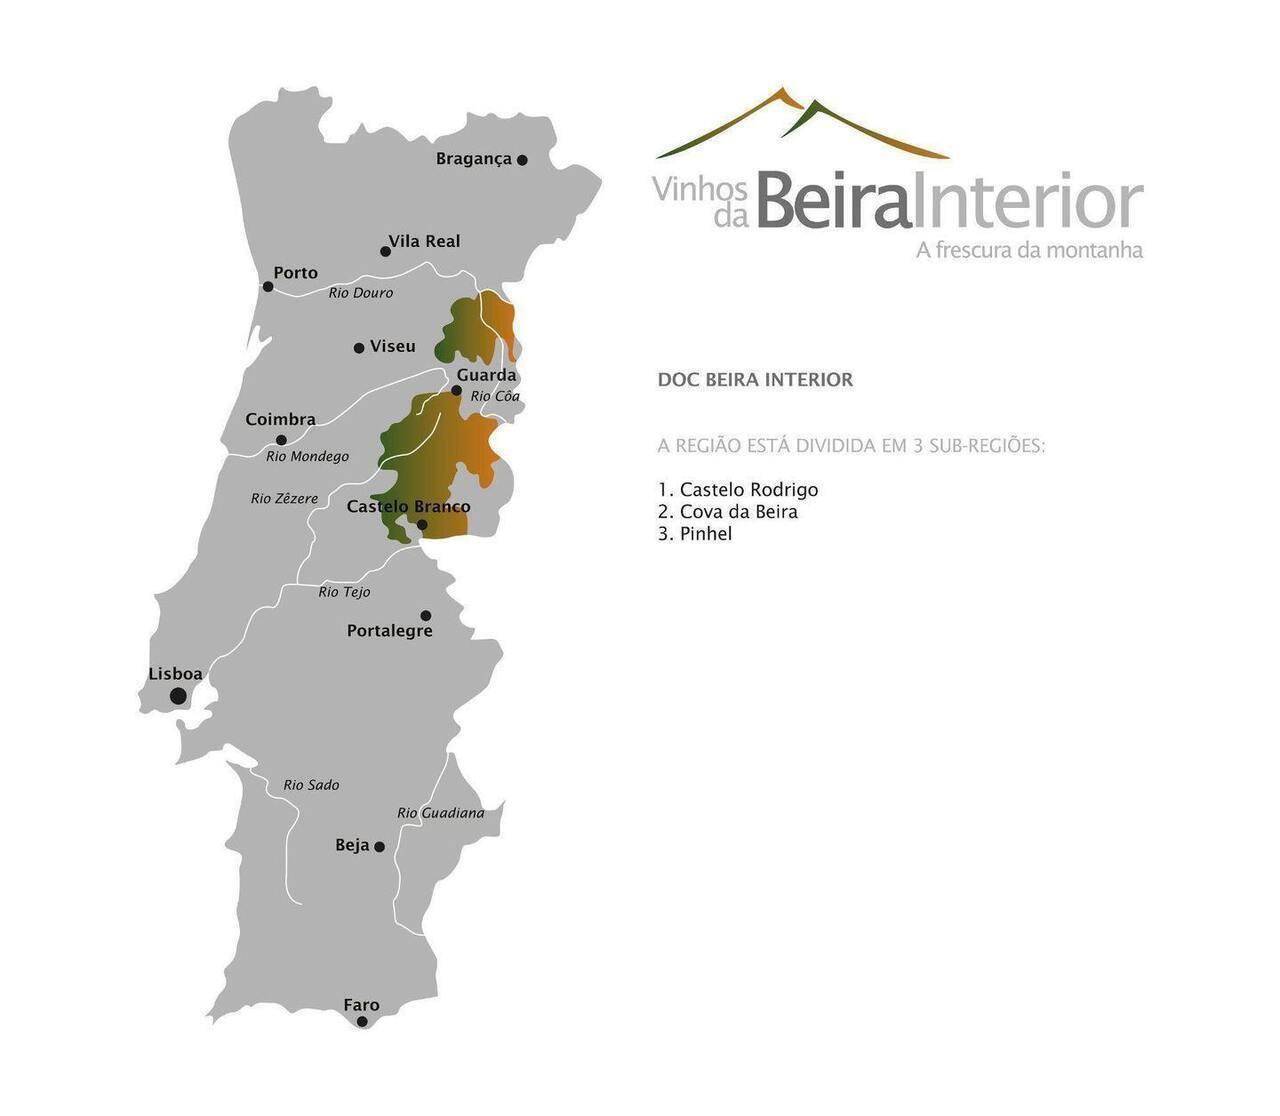 beira interior mapa Vinhos Beira Interior – A frescura da Montanha   beira.pt beira interior mapa